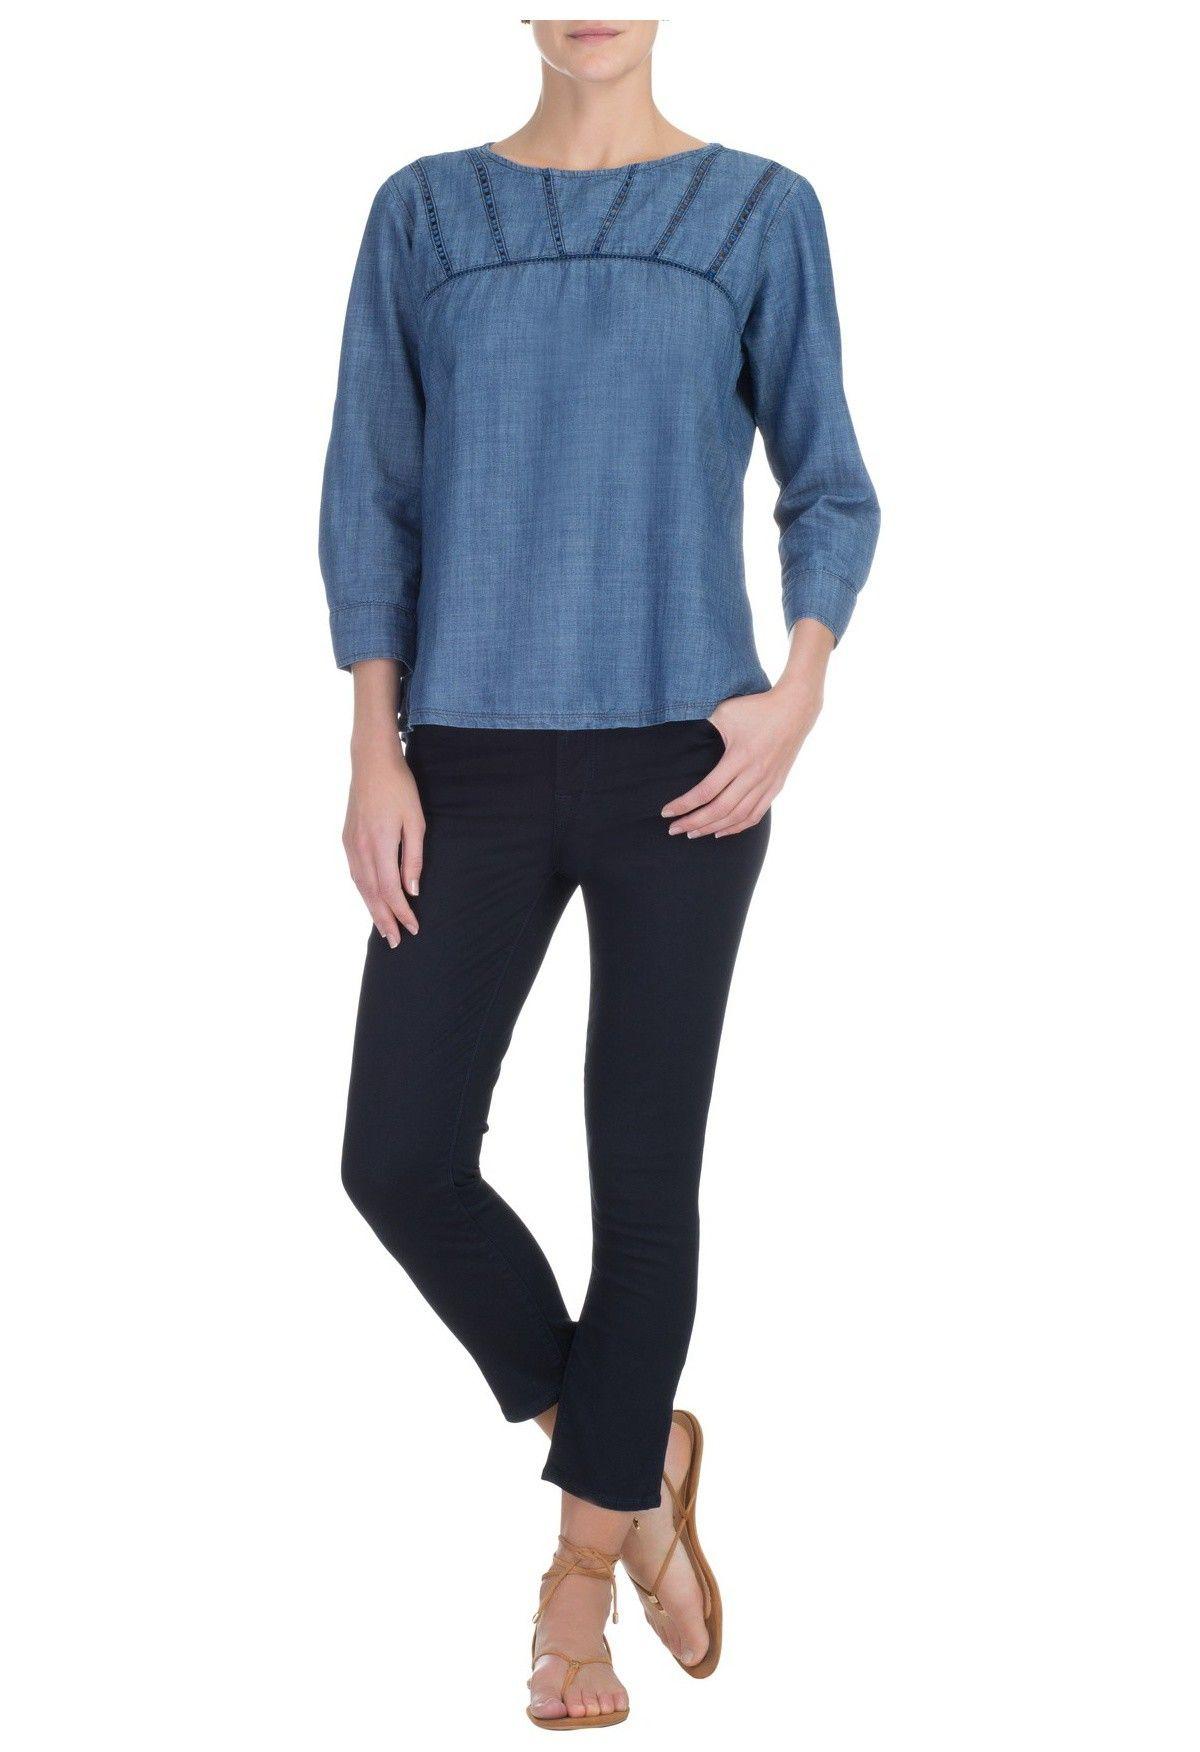 MARIA FILÓ - Bata jeans entremeios - azul - OQVestir